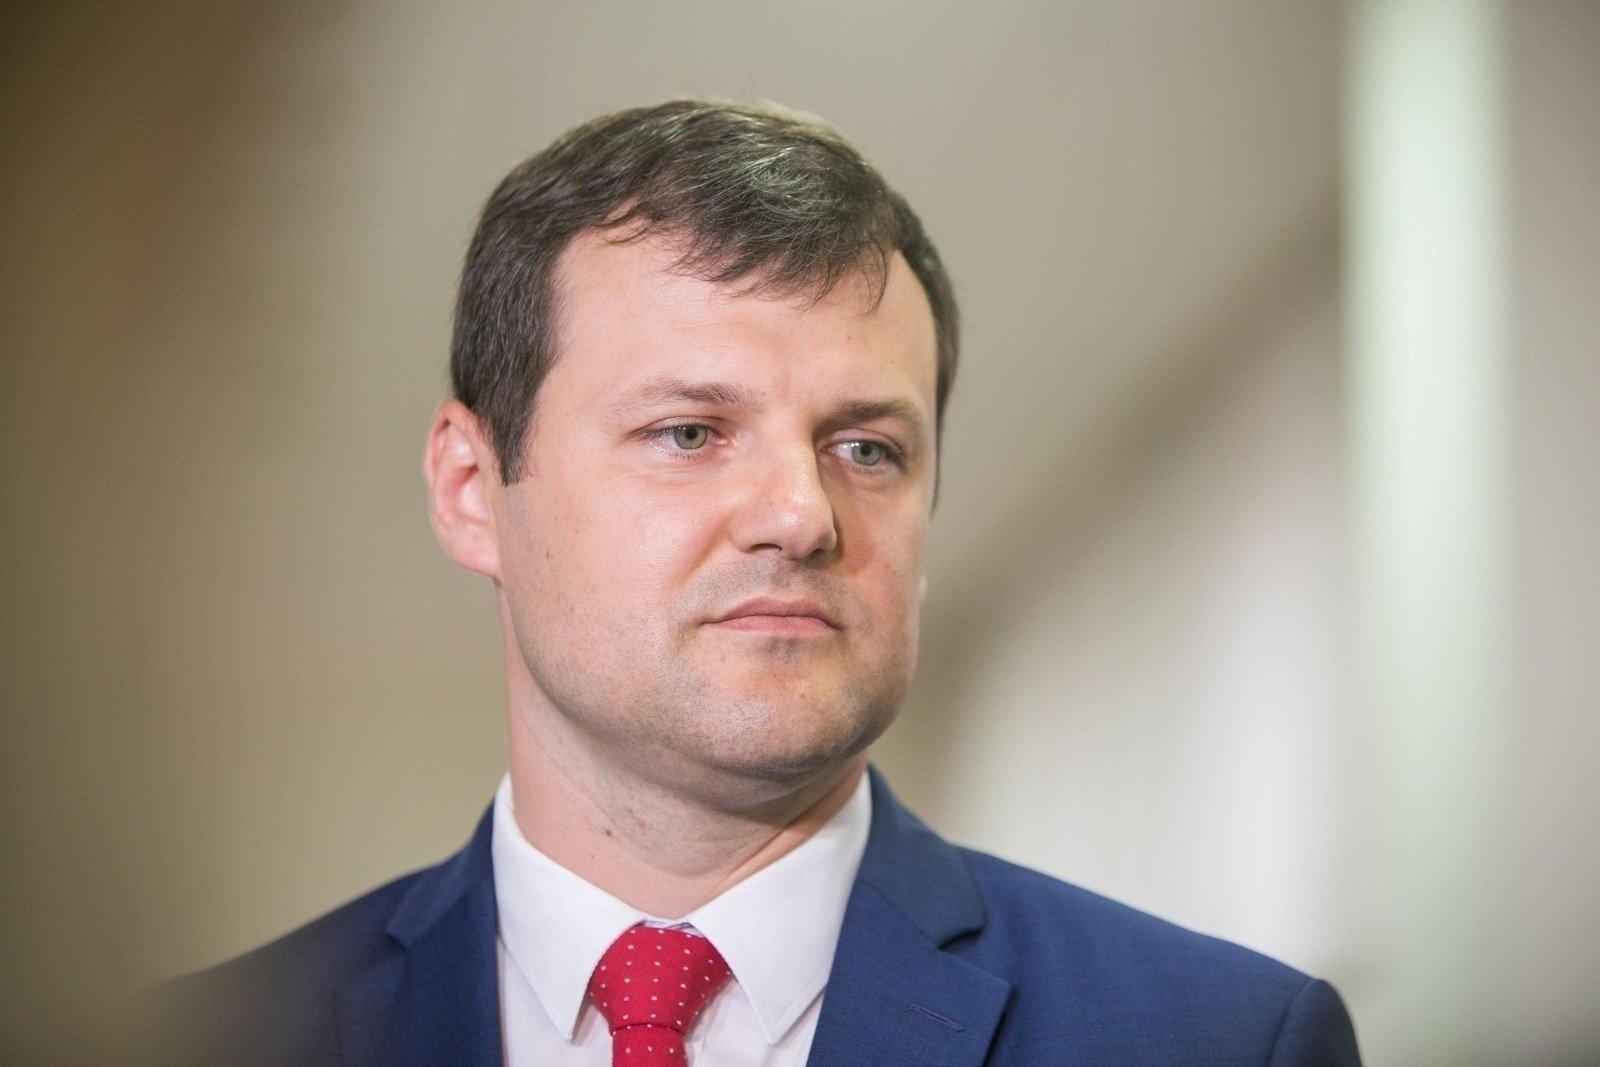 Socialdemokratų lyderis G. Paluckas į Seimą ketina kandidatuoti Utenoje